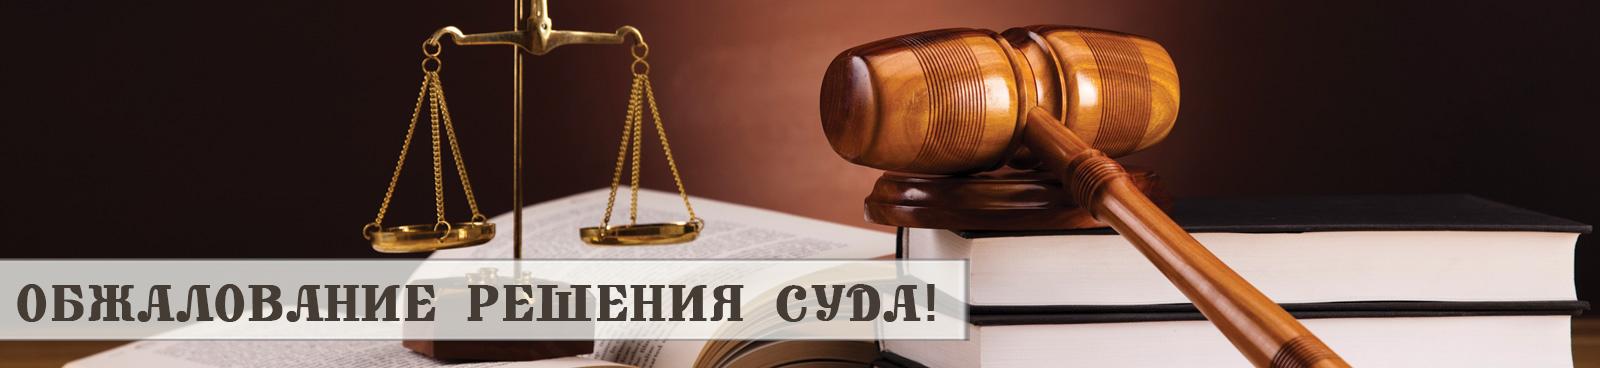 Юридические услуги по обжалованию решений суда (определений, постановлений, приказов) в Новосибирске